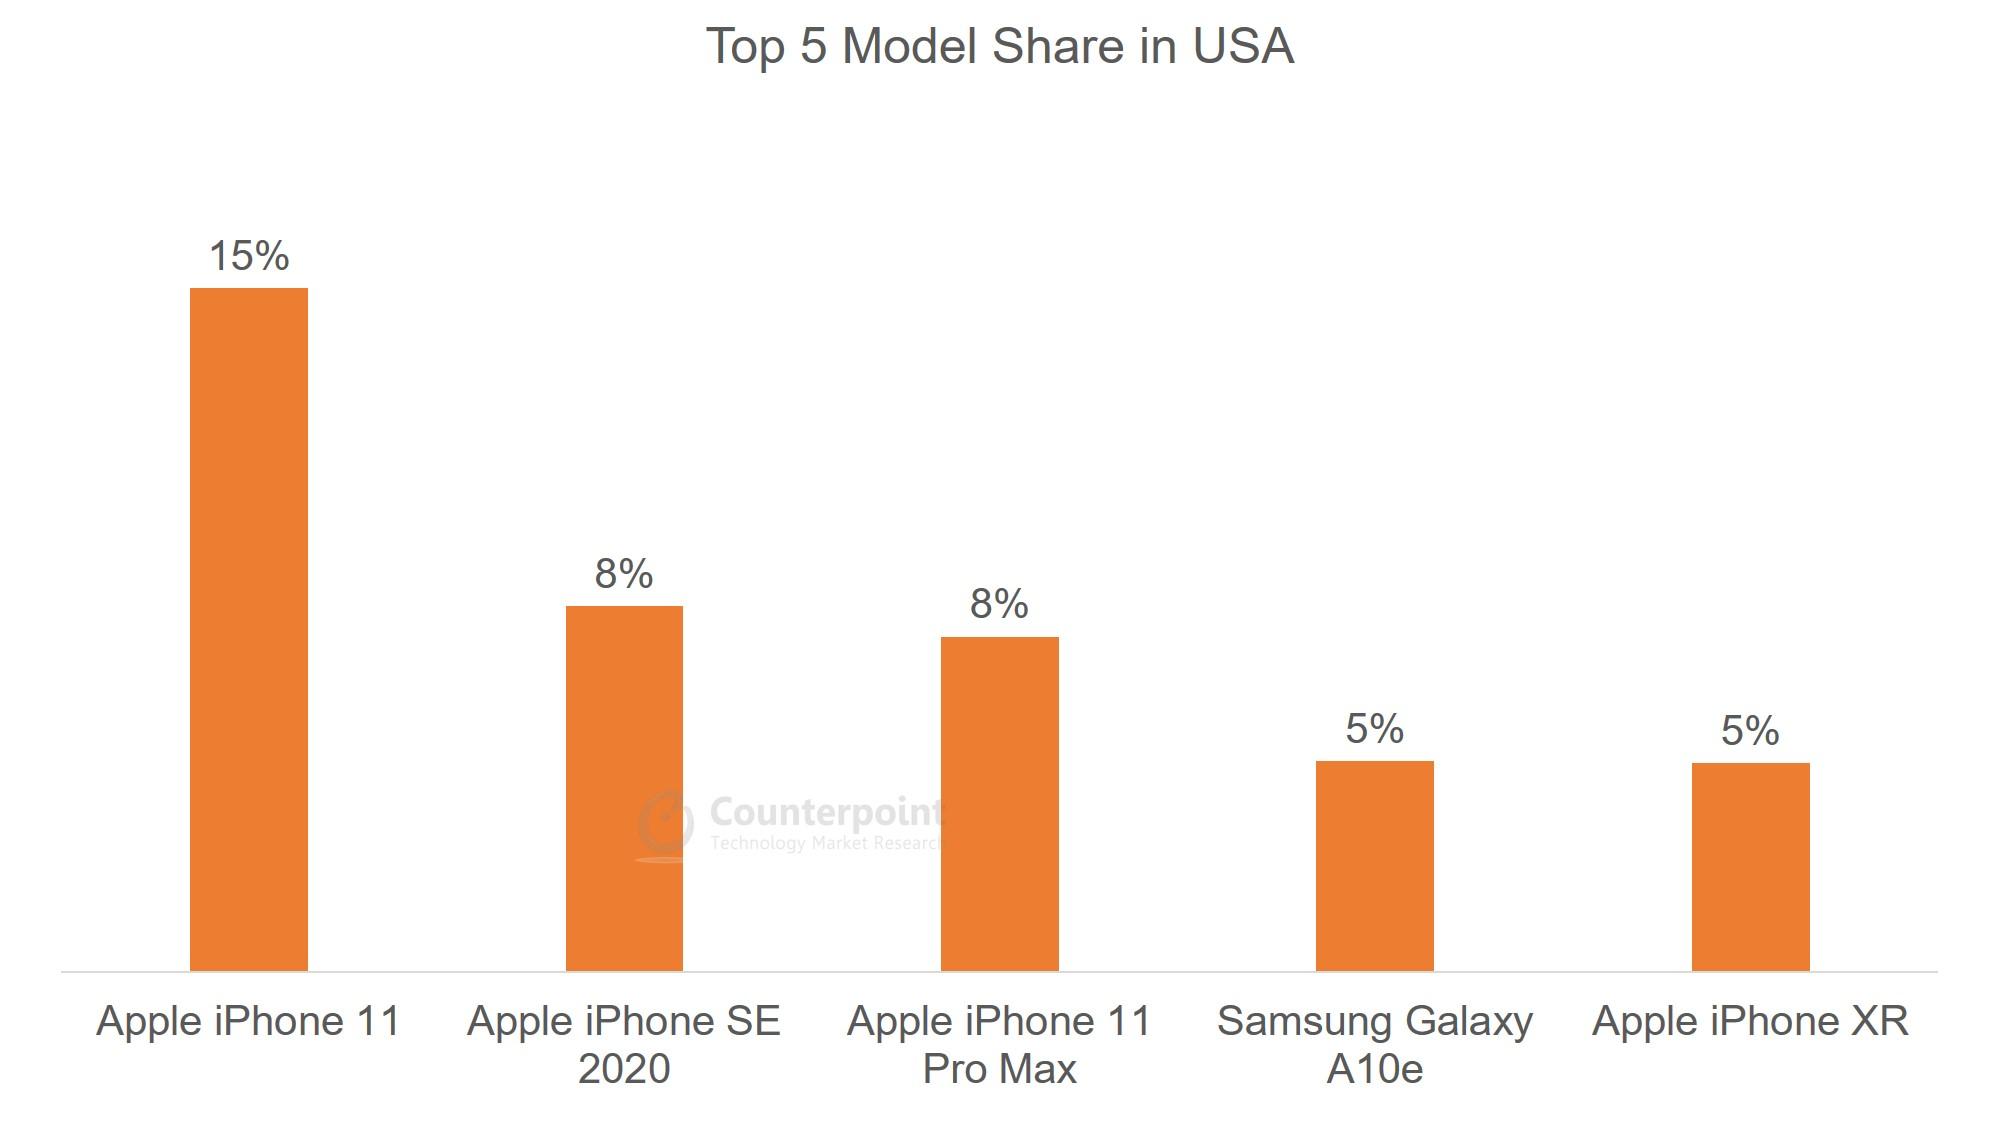 USA - Top 5 Model Share - Jul 2020